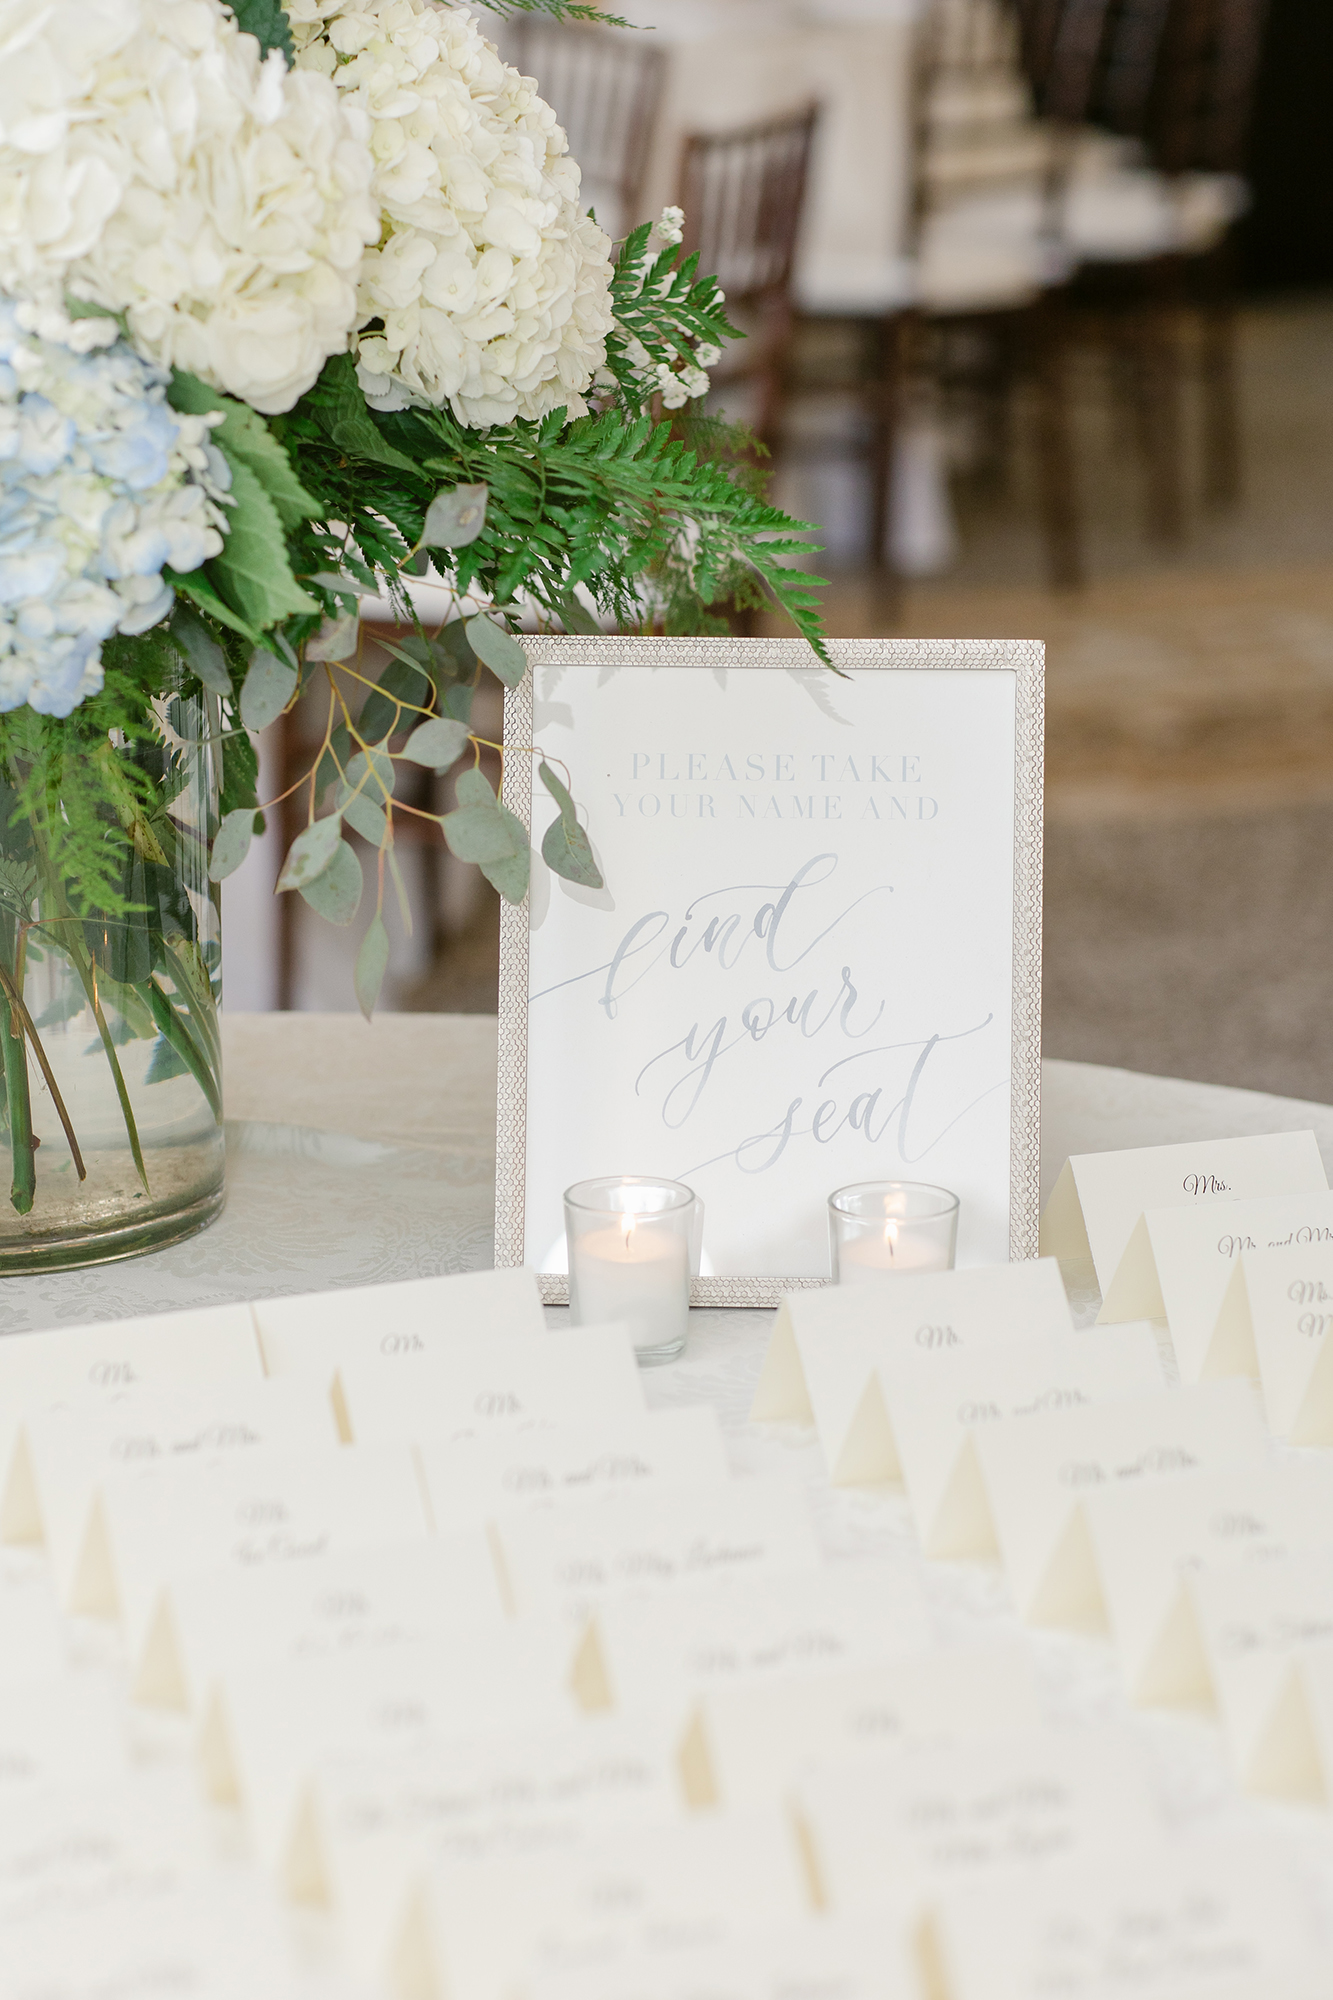 Sam Allen Creates Watercolor Find your Seat Wedding Sign – Katie+Mark-Wedding-781 Lauren Kearns Photography